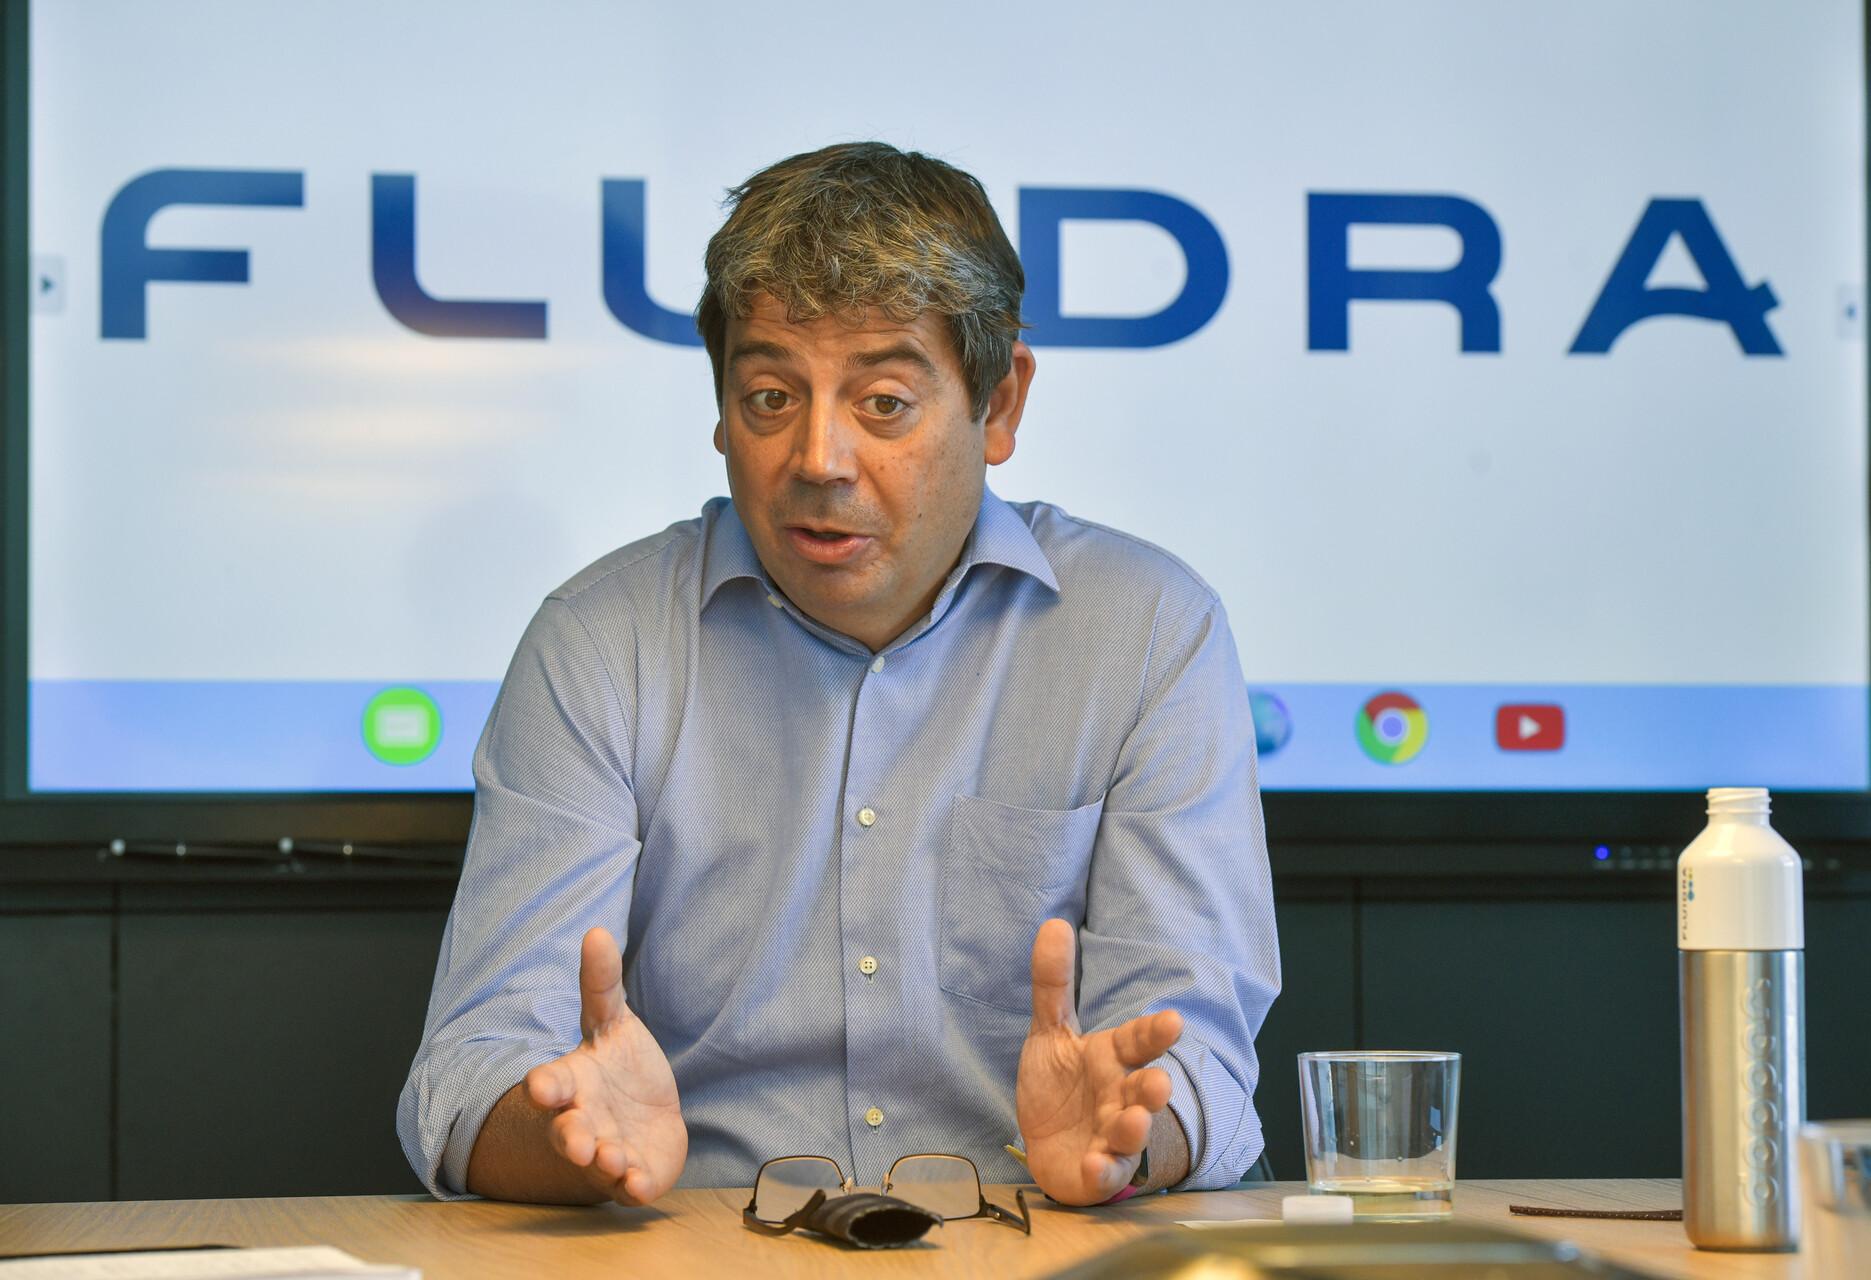 El president executiu de Fluidra, Eloi Planes, durant una entrevista a la seu de la companyia